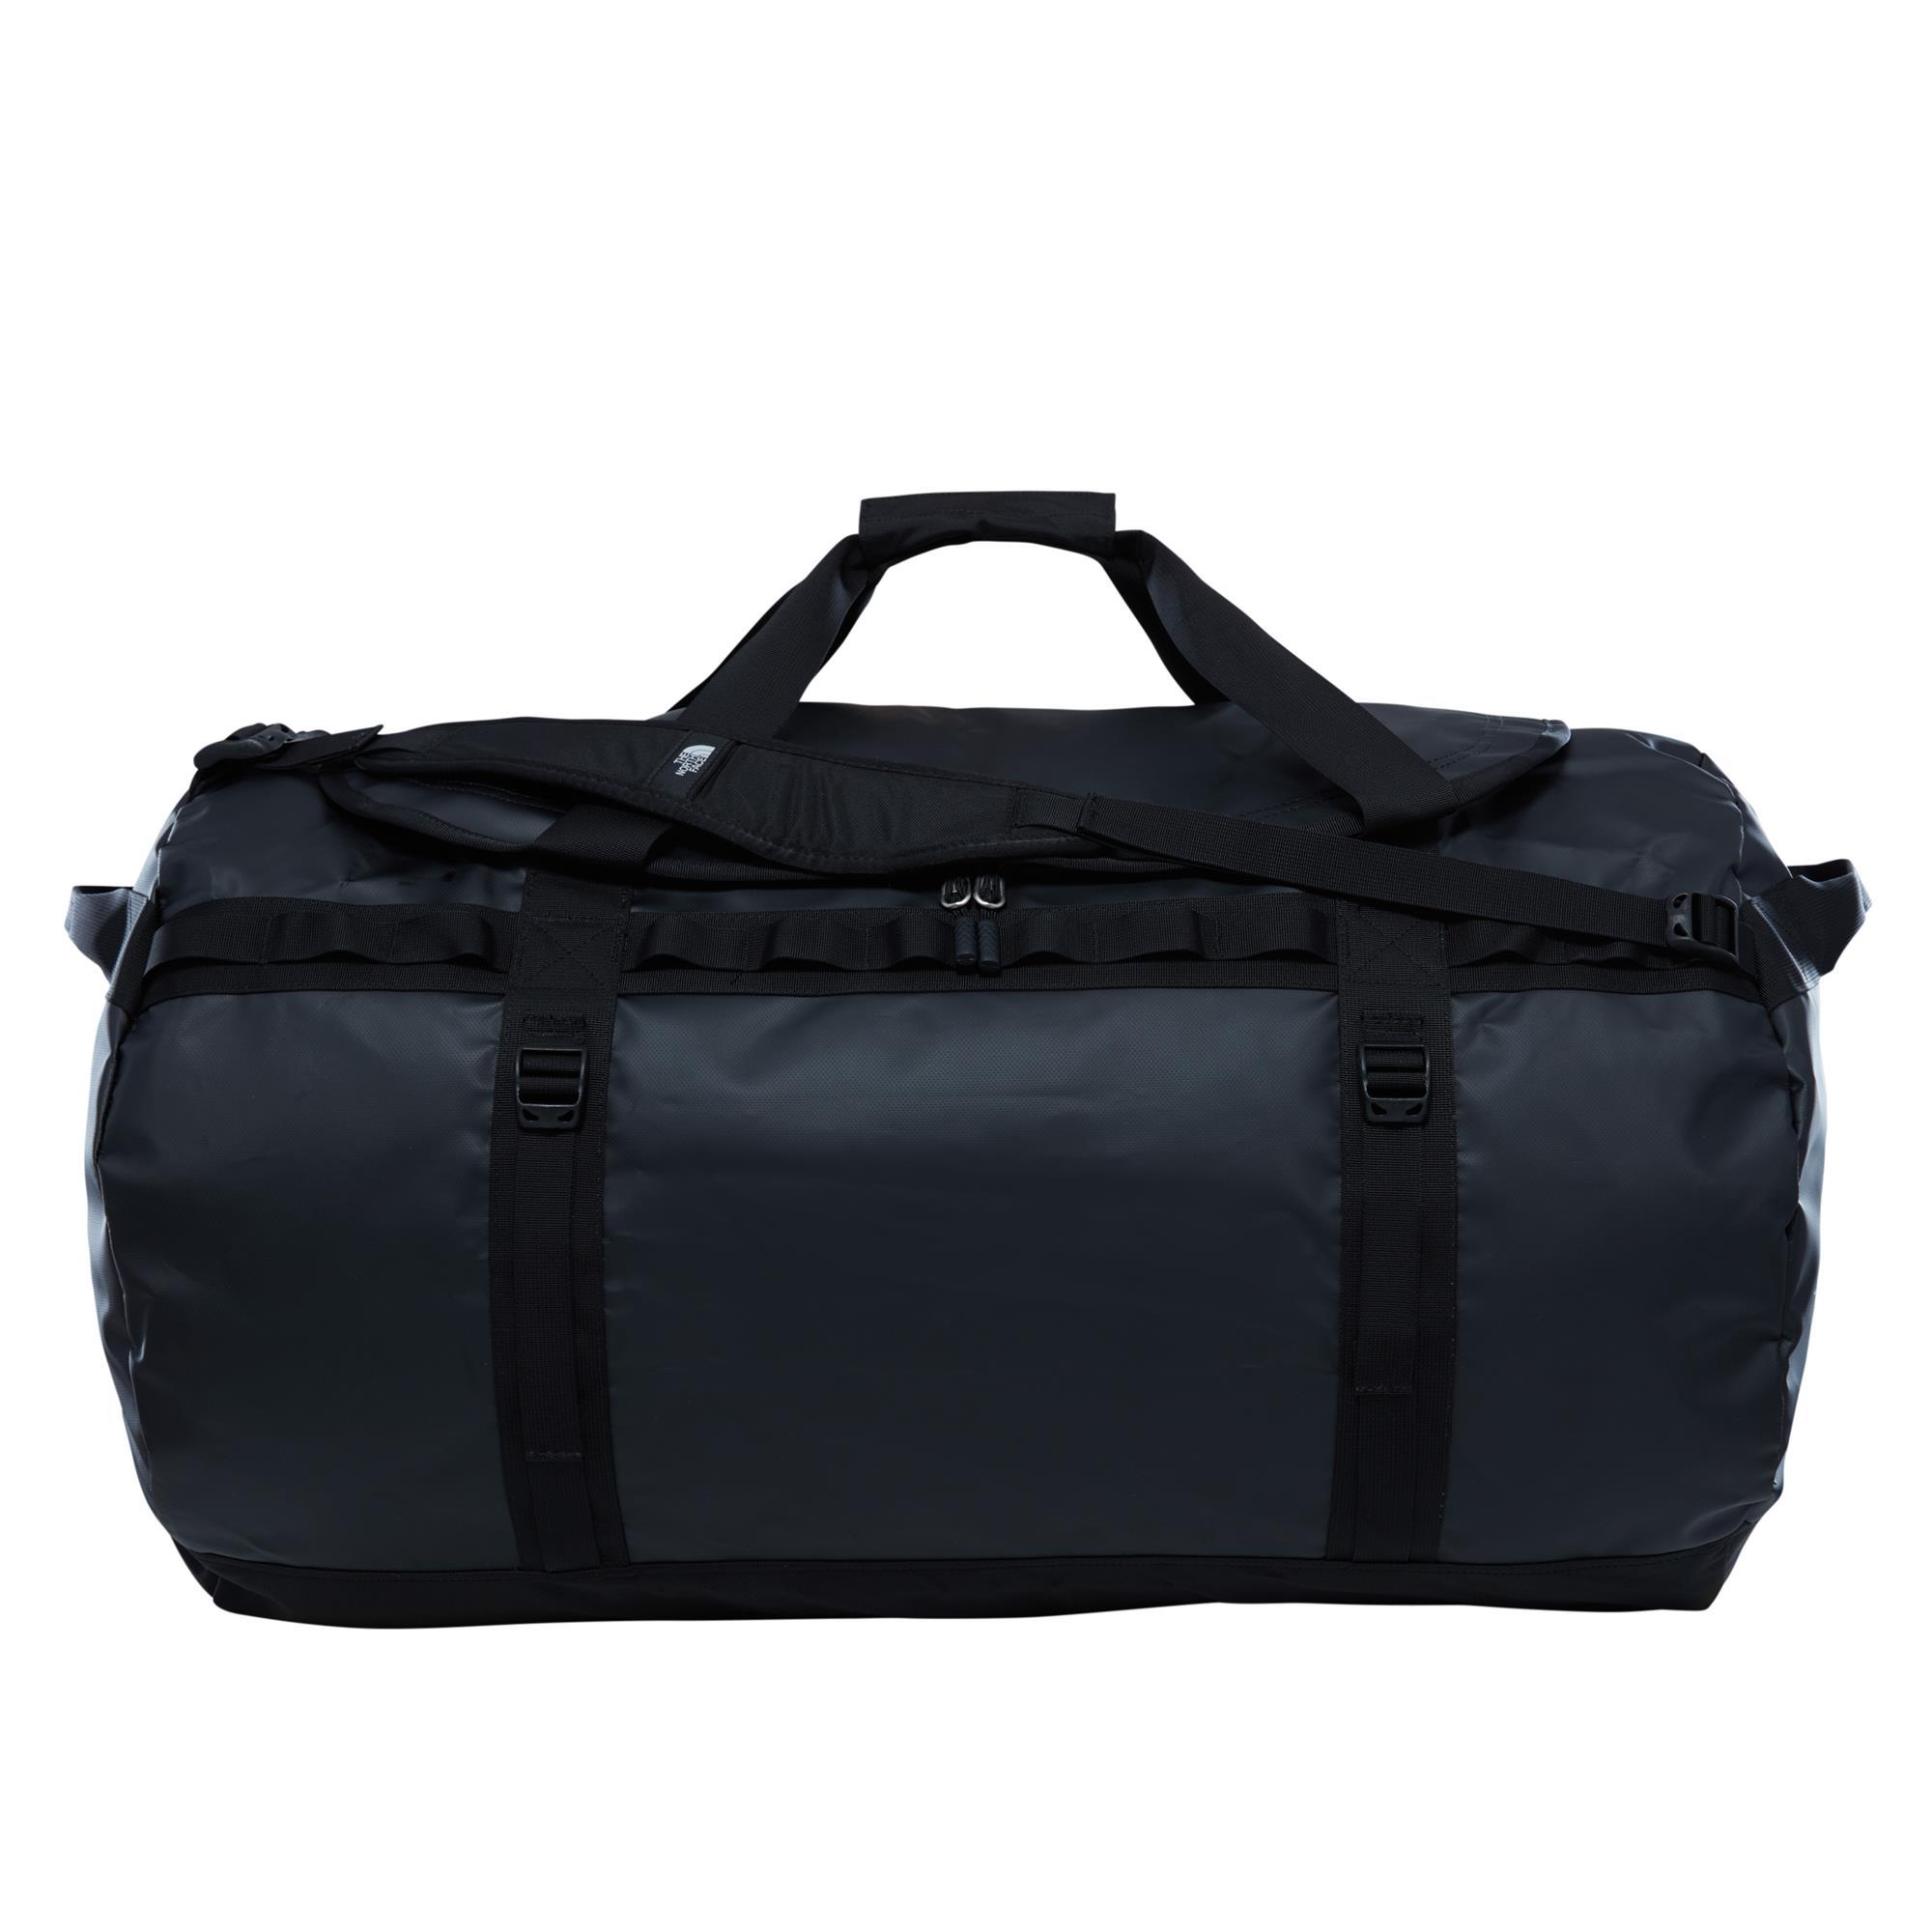 d2d09ba2807c8 Sporttaschen Preisvergleich • Die besten Angebote online kaufen